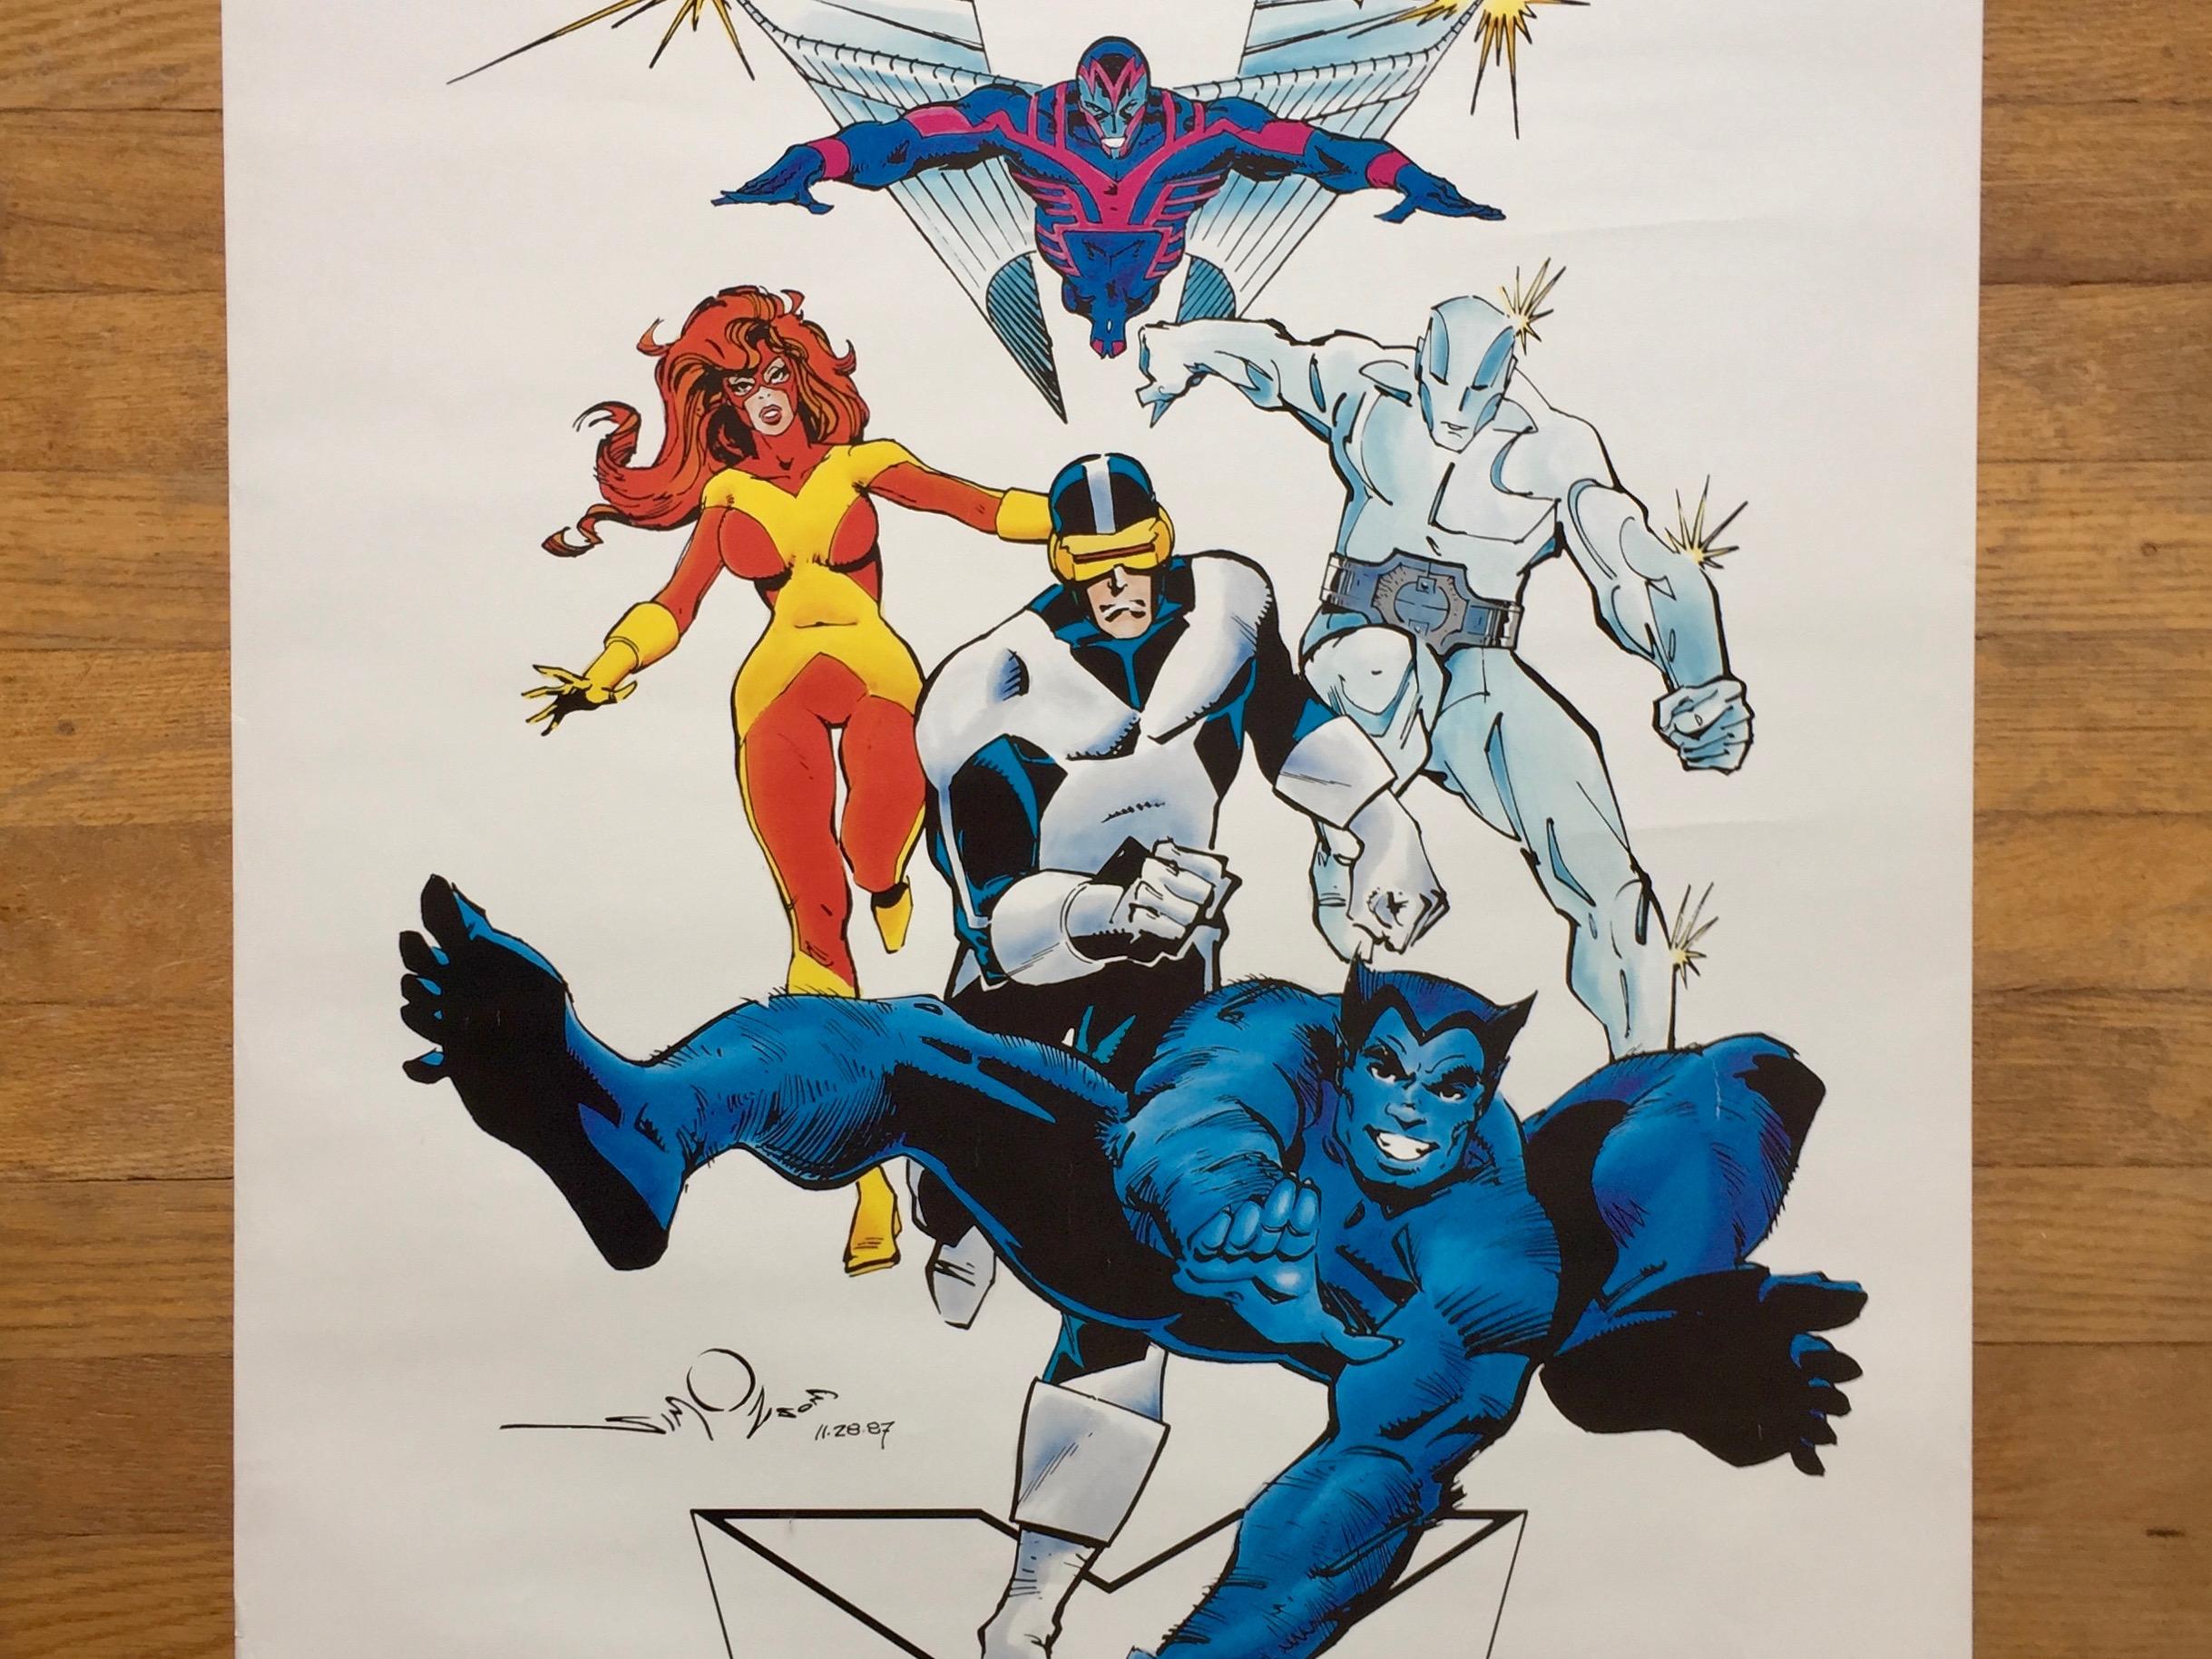 X-Factor Poster, Walt Simonson